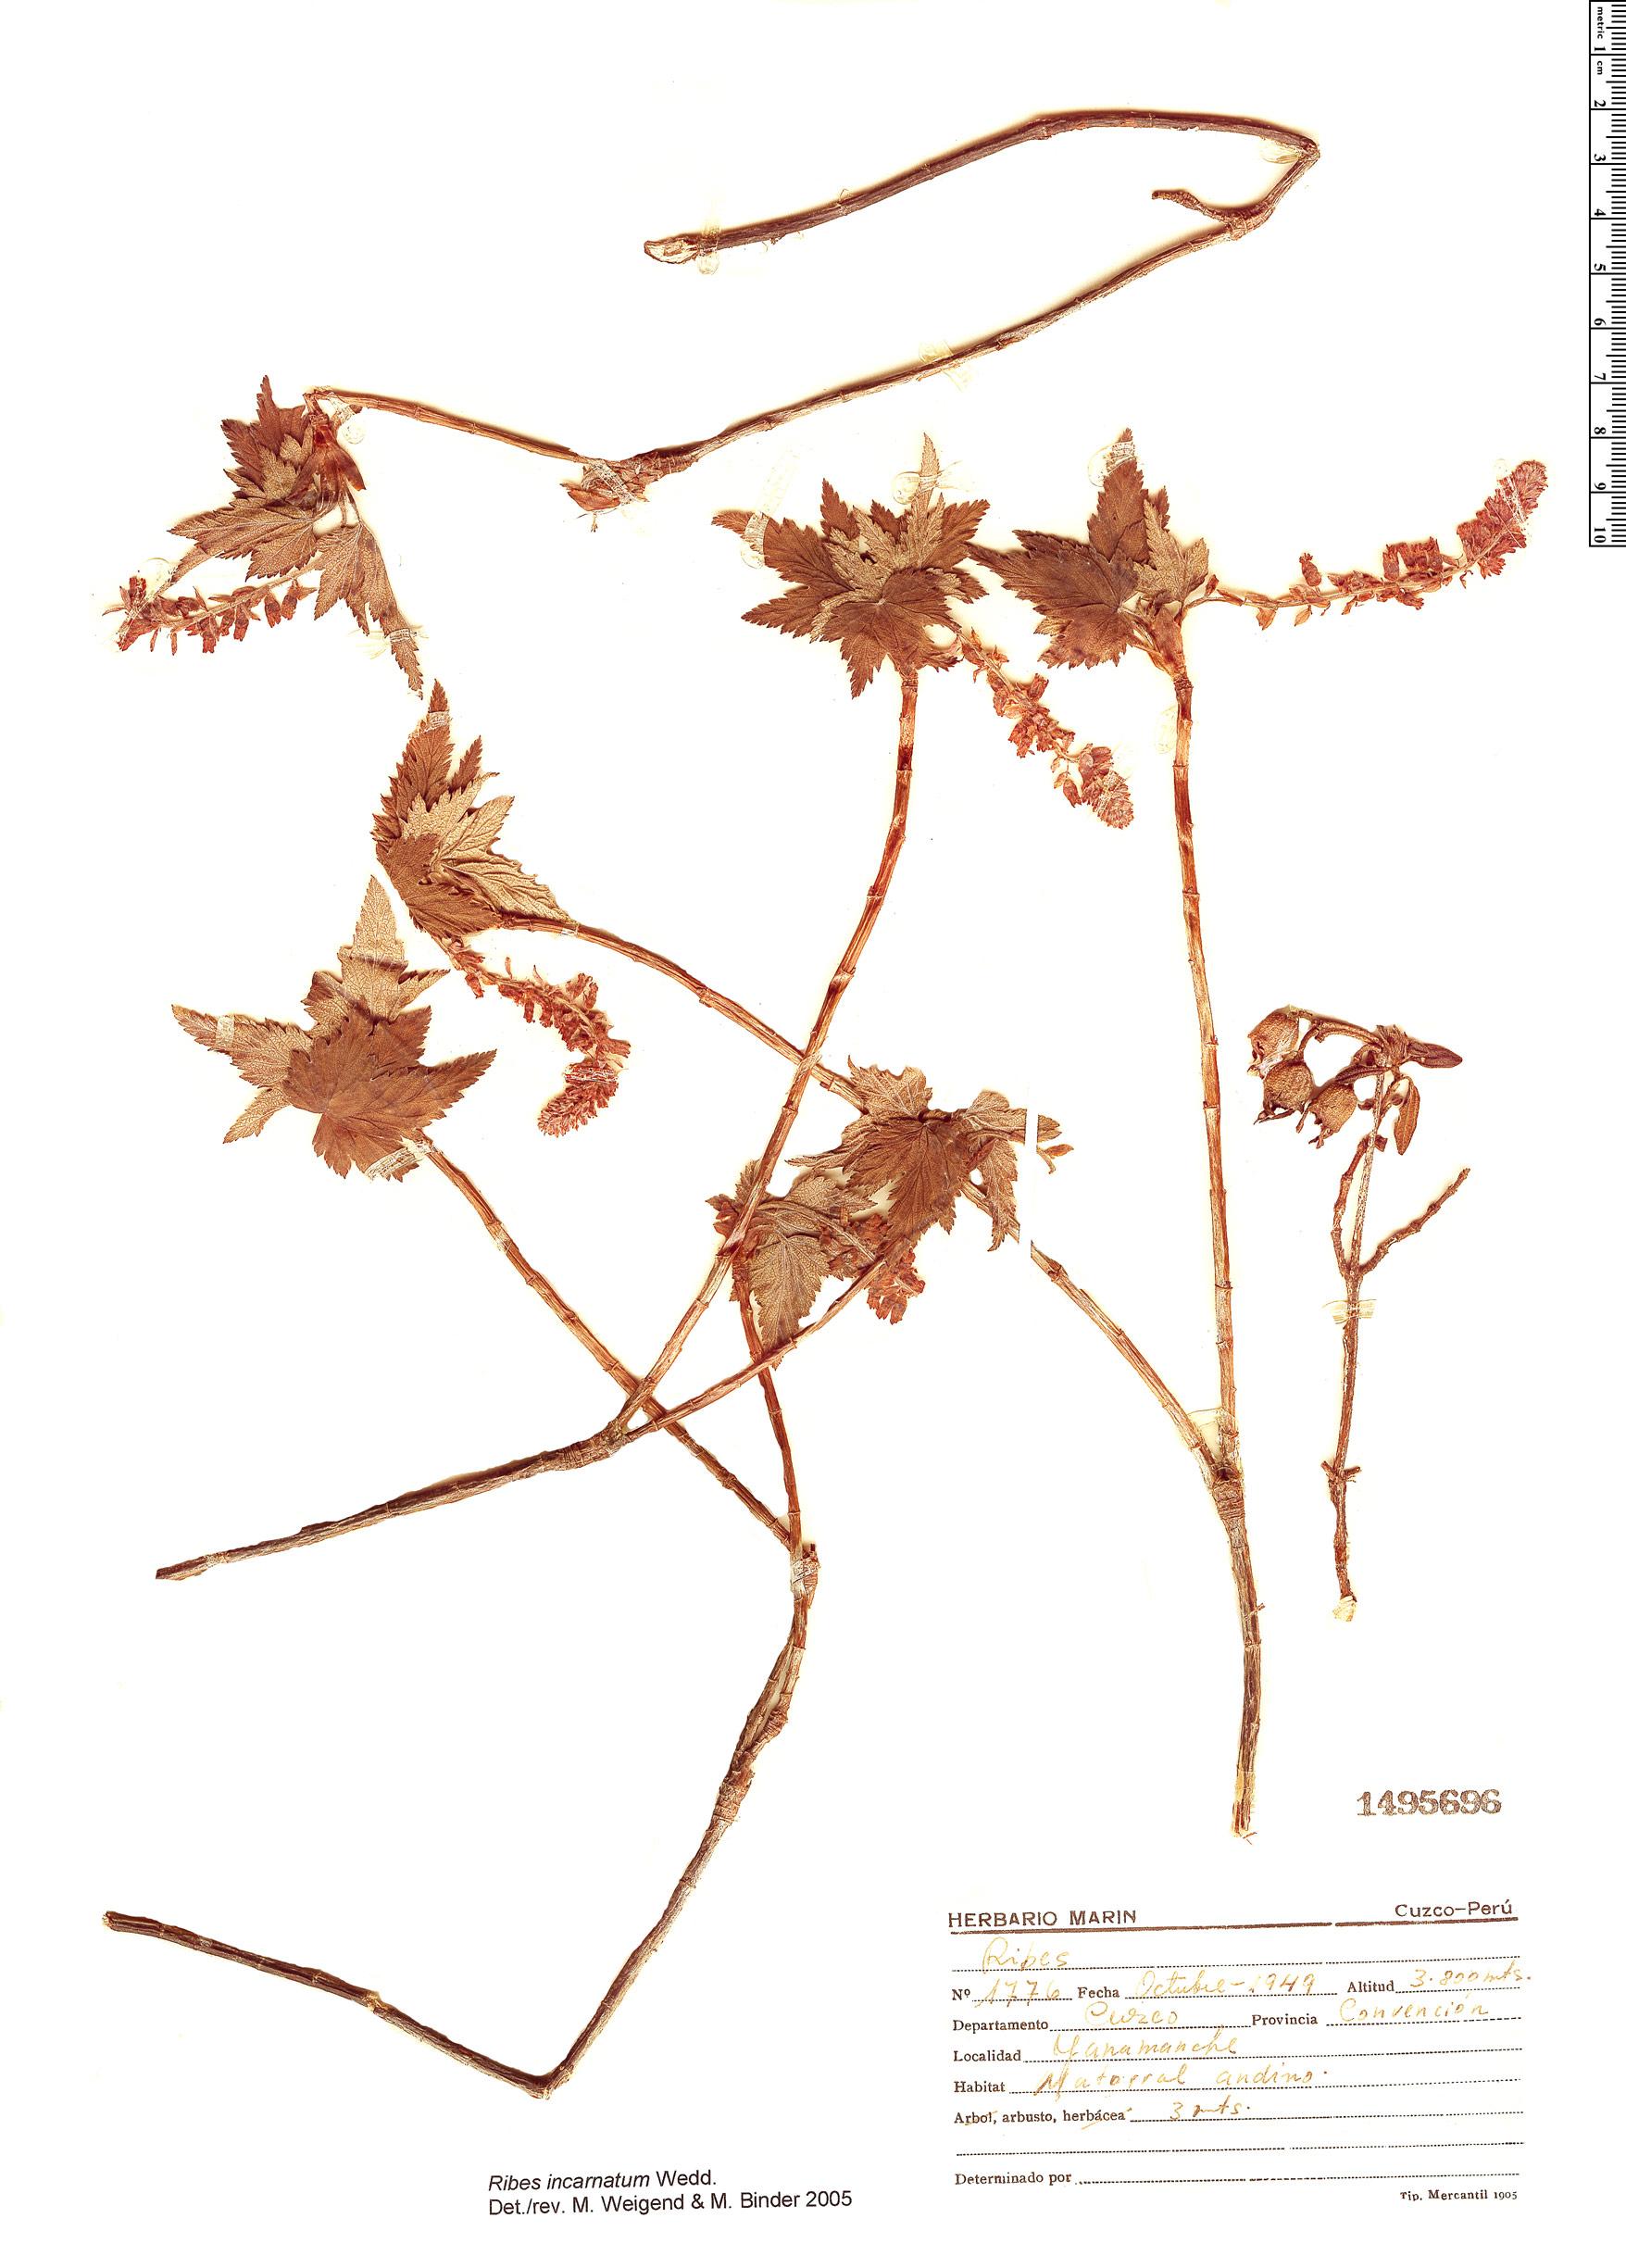 Specimen: Ribes incarnatum